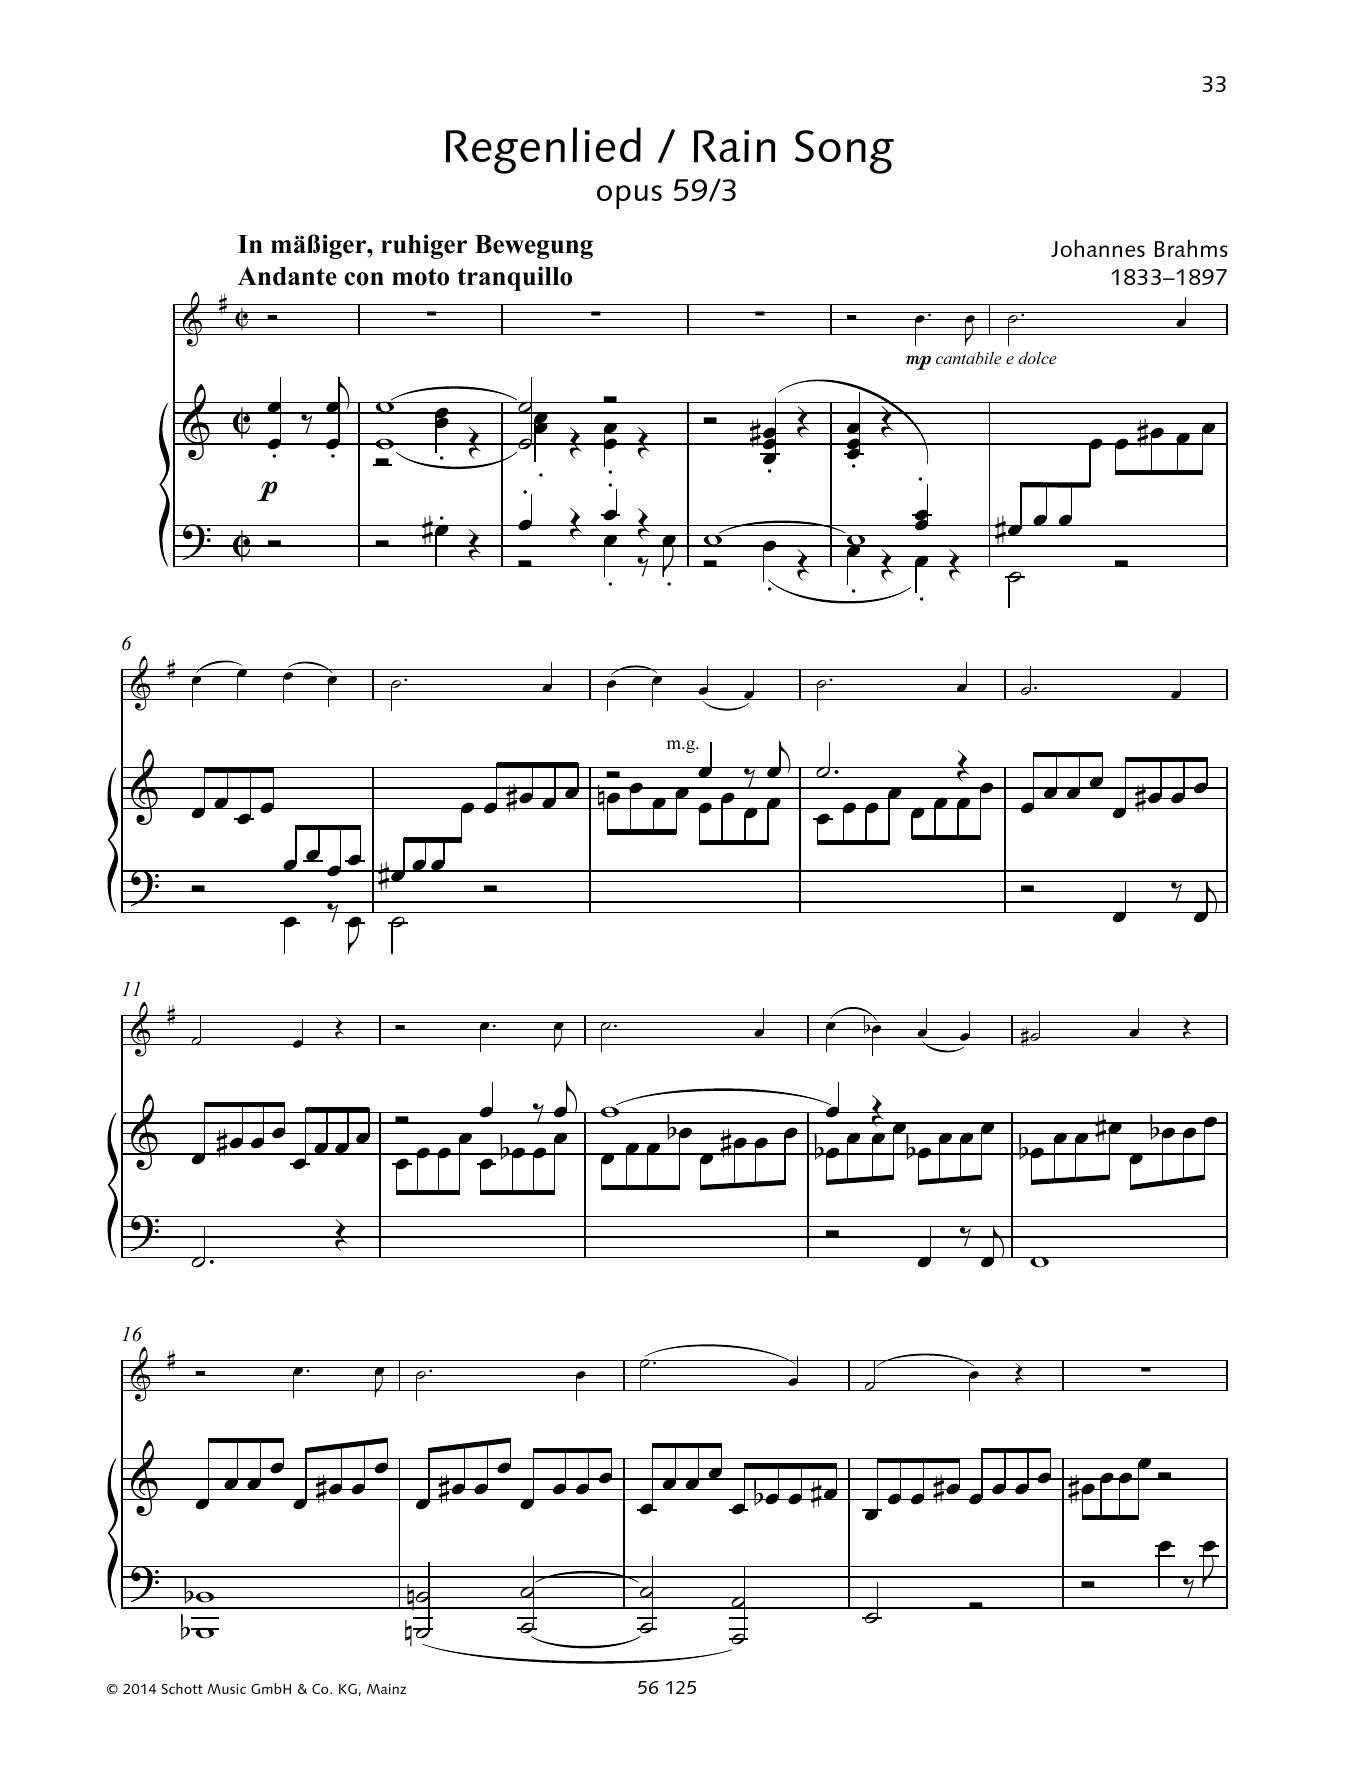 Regenlied Sheet Music